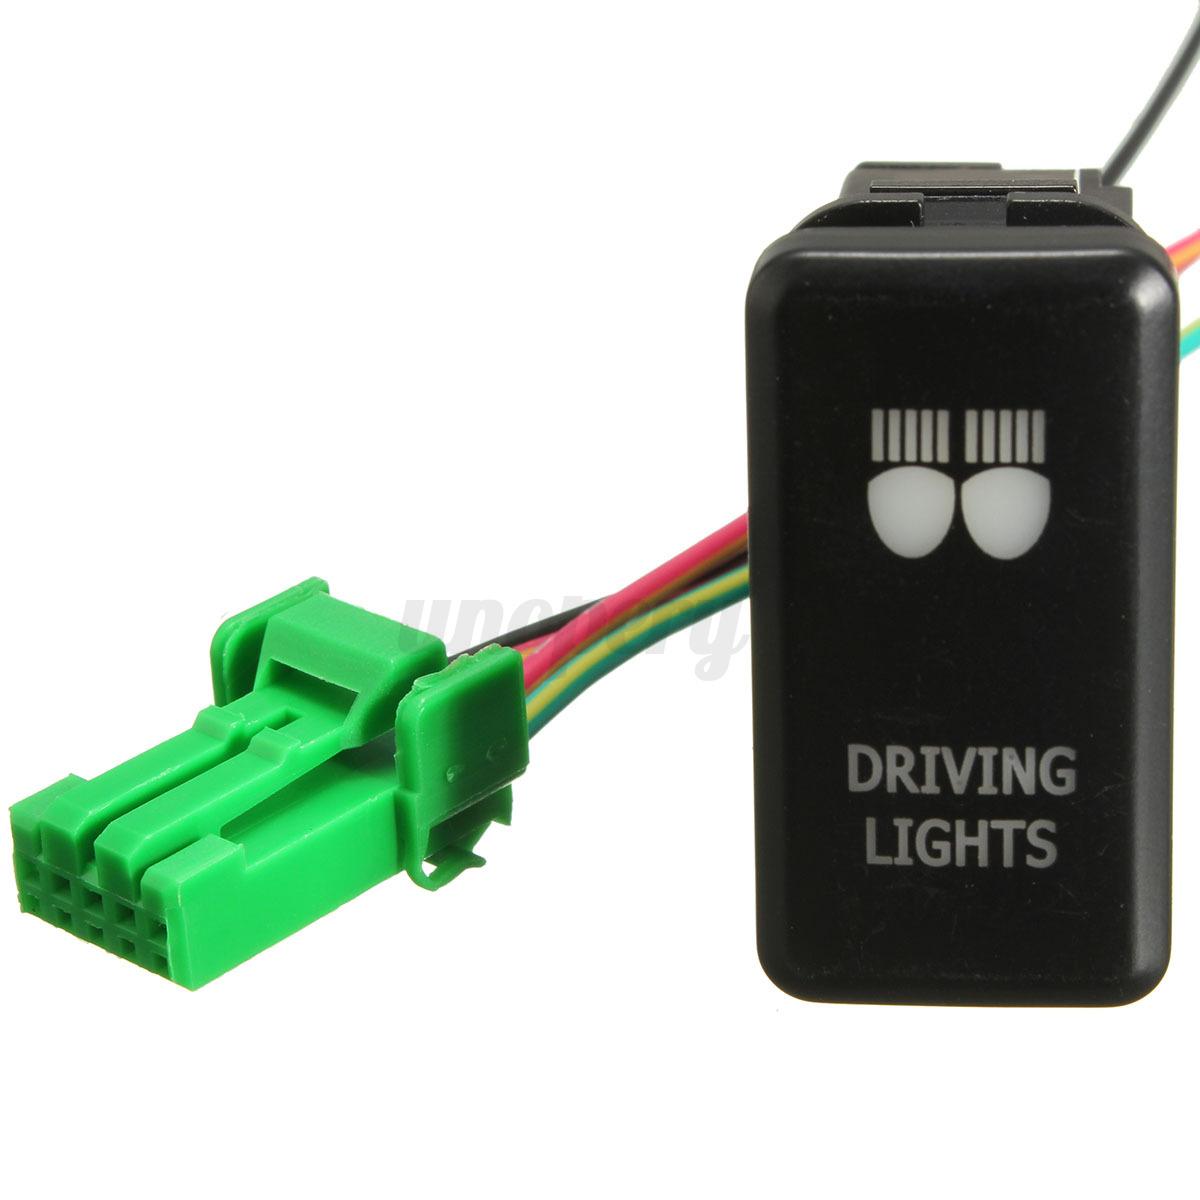 Zombie Light Switch Wiring Diagram on zombie light switches, zombie light rocker switch, zombie light switch installation, zombie light bulb,